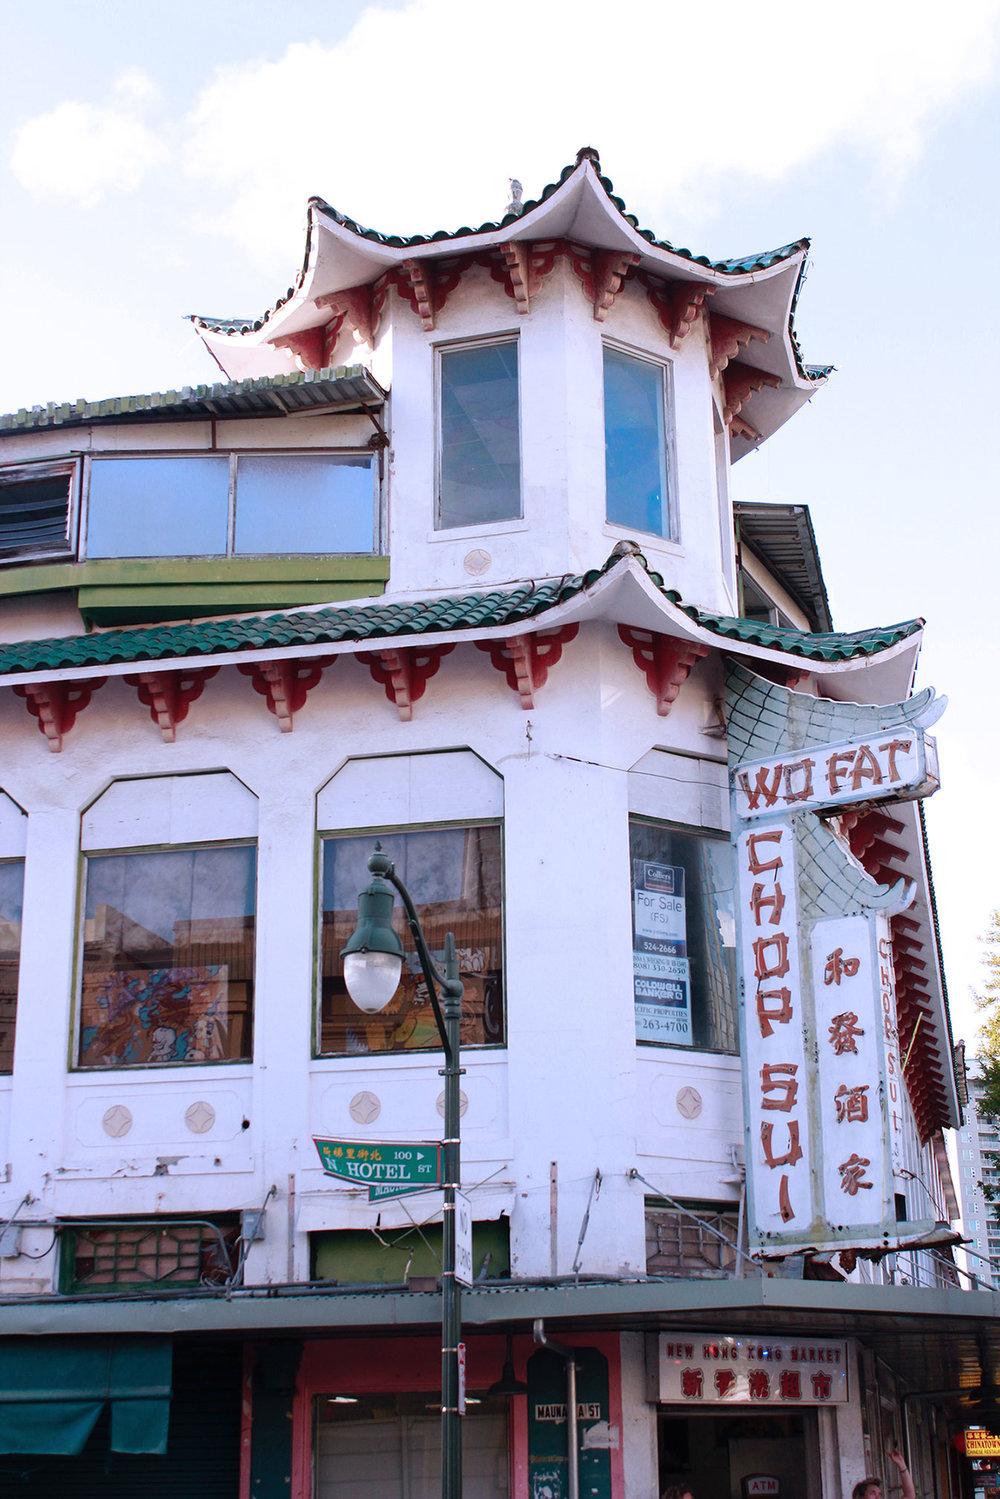 HistoricDowntown_WoFat.jpg